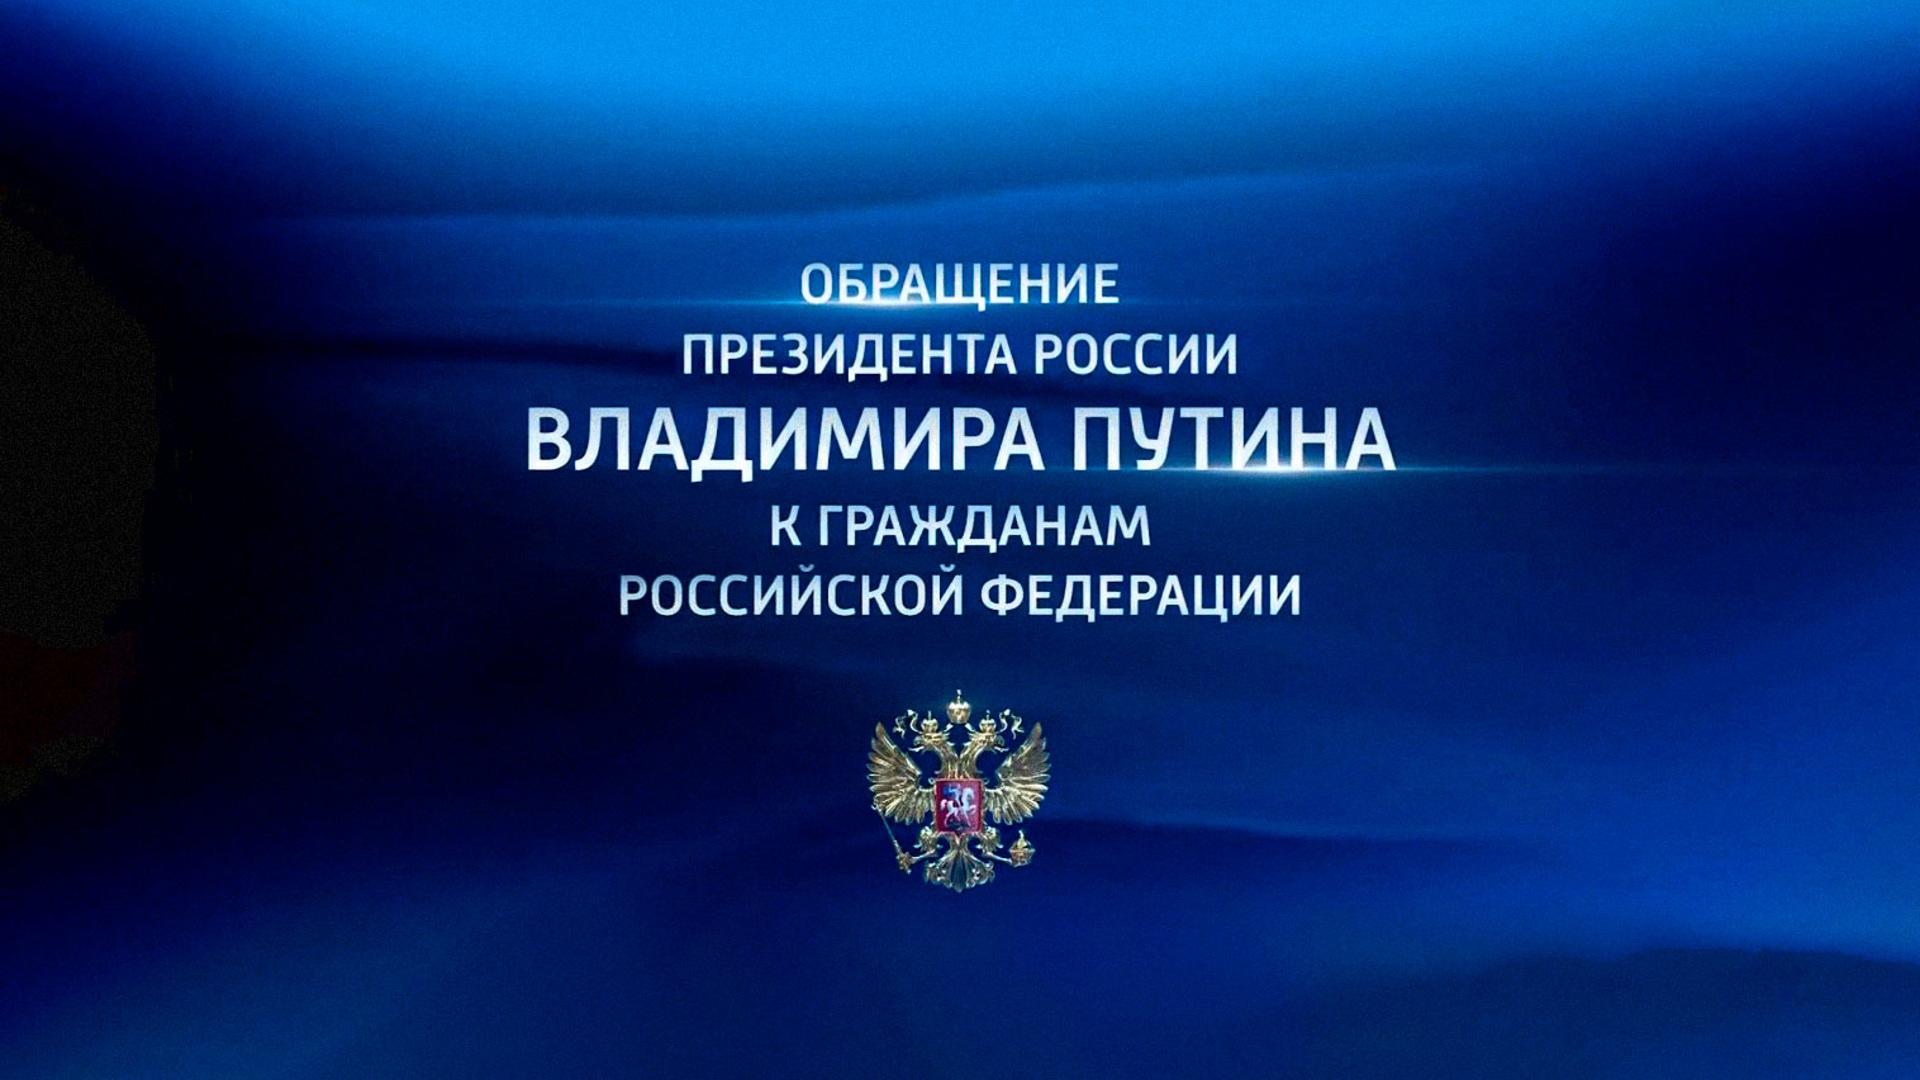 Обращение Президента России Владимира Путина к гражданам Российской Федерации